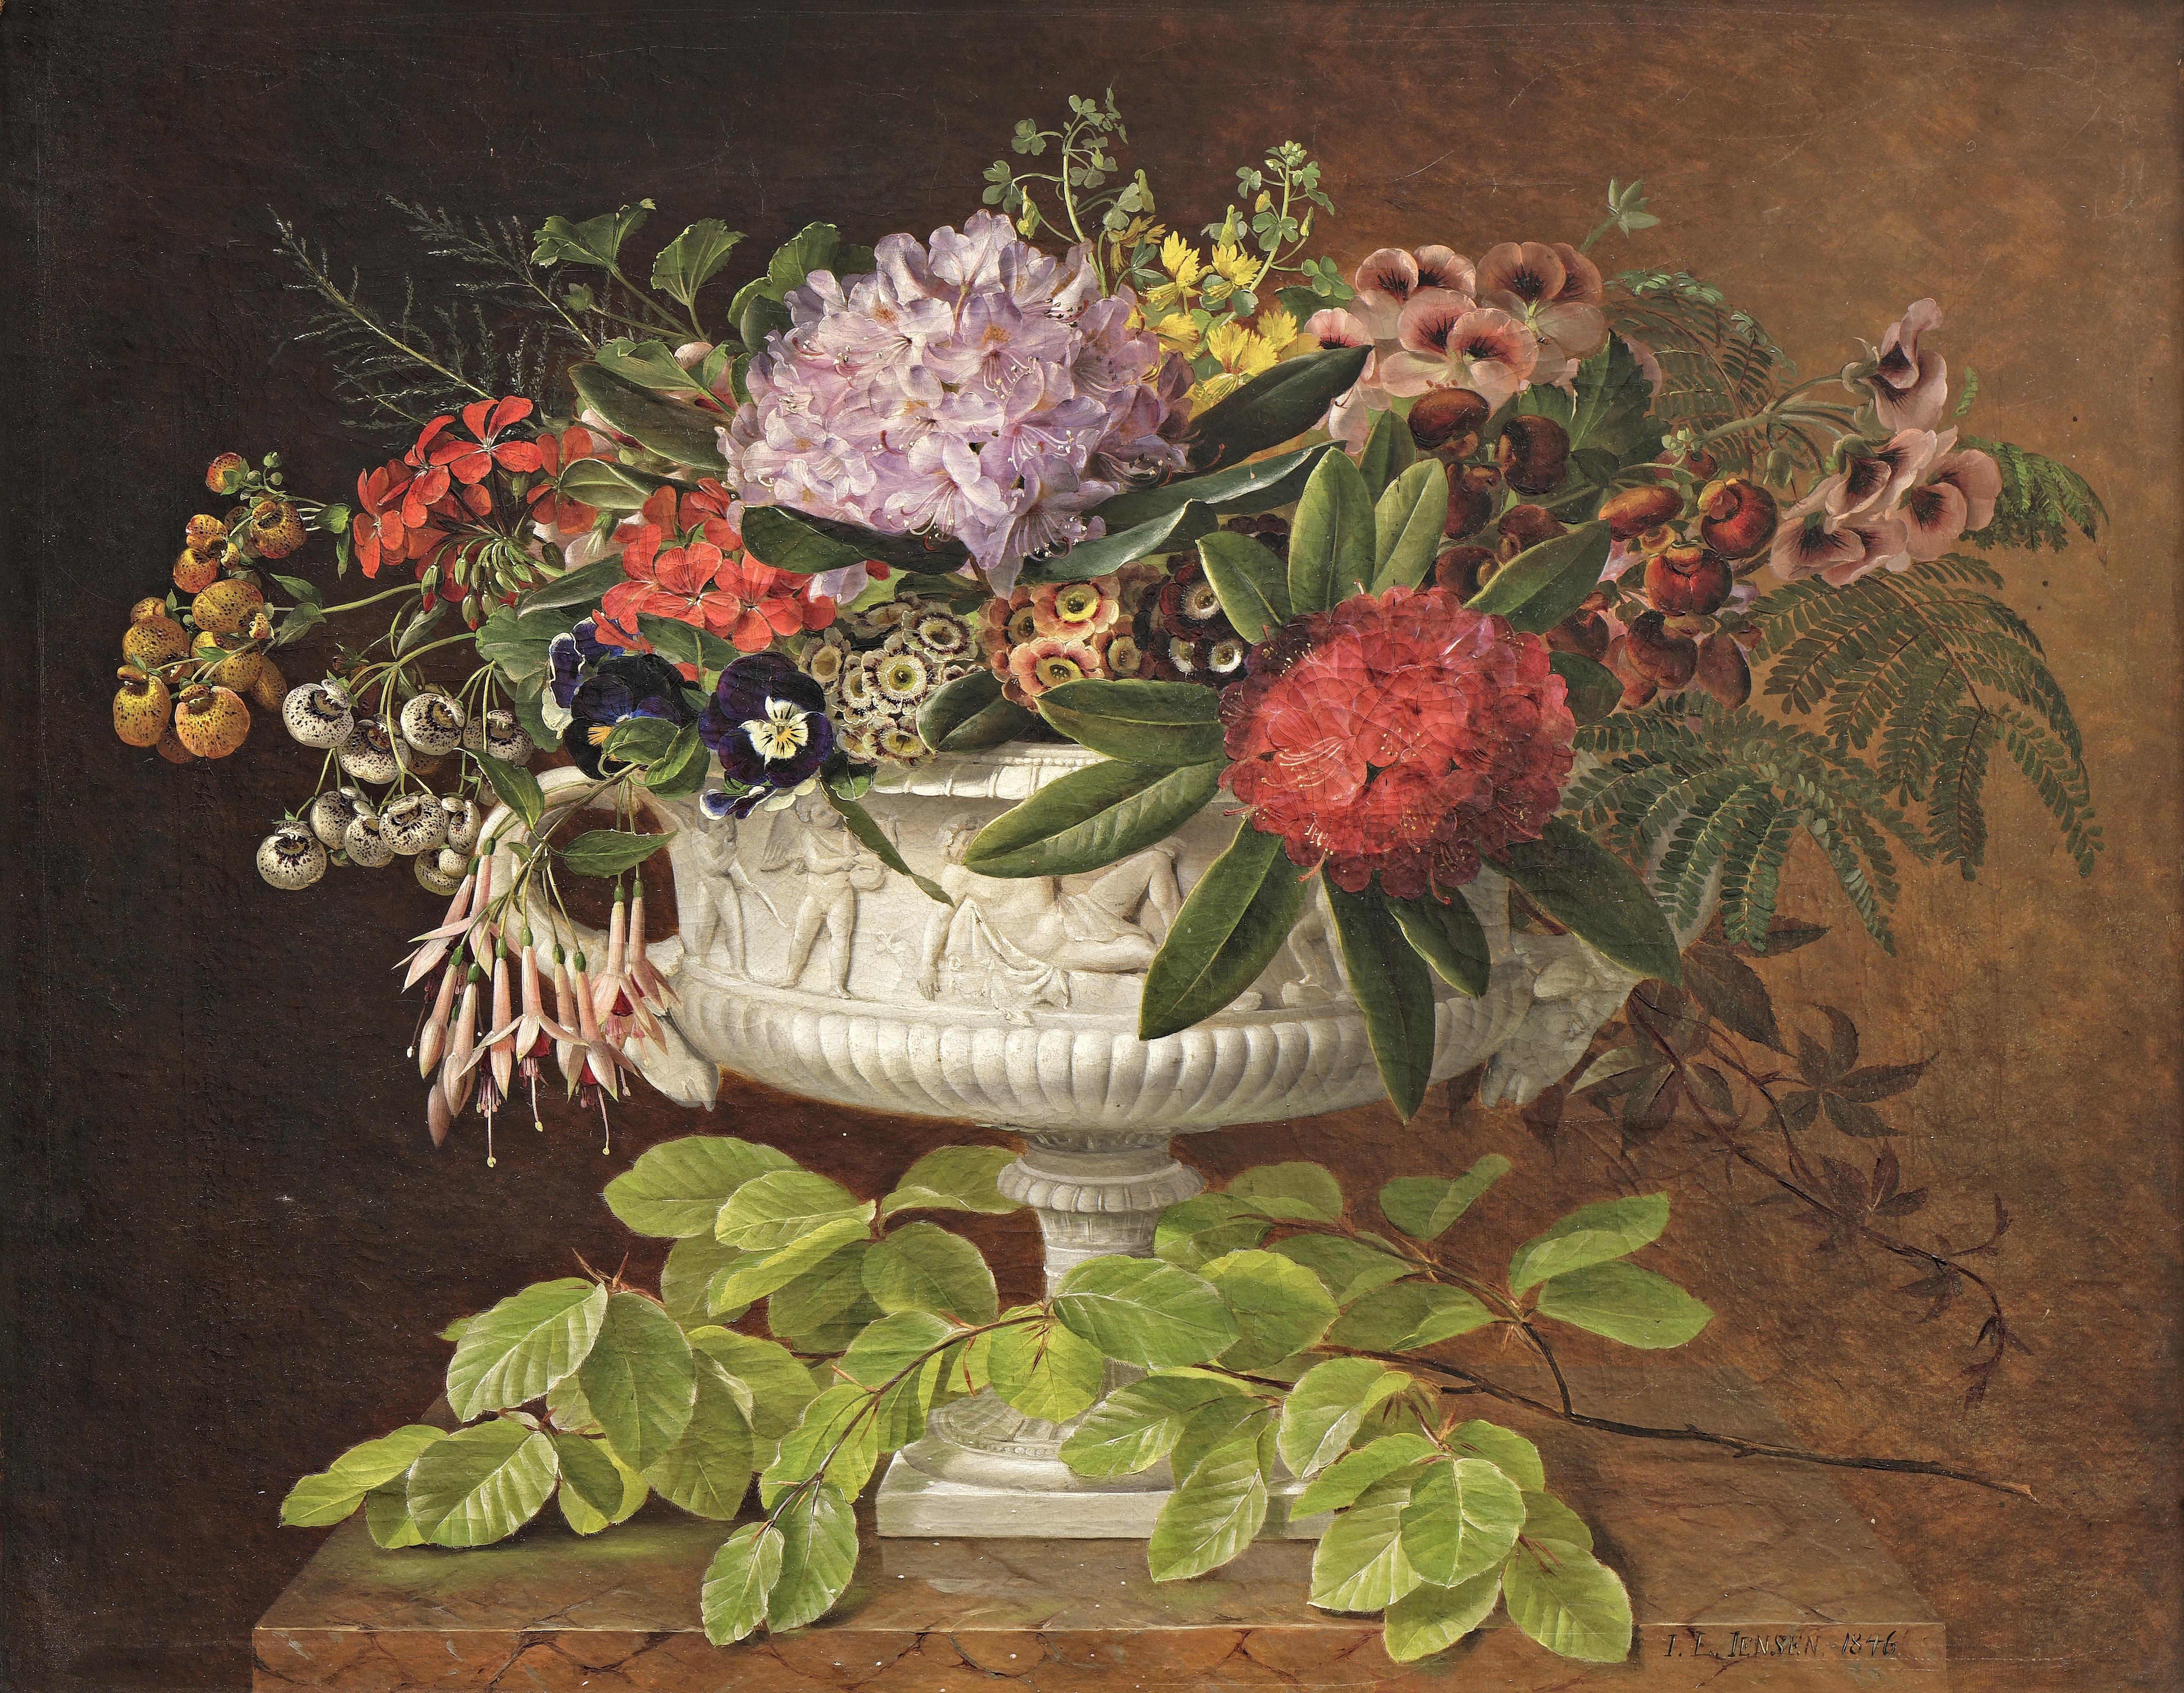 Maleri af J.L. Jensen, Blomster i en opsats på marmorkarm med bøgegren, 1846. Nivaagaards Malerisamling